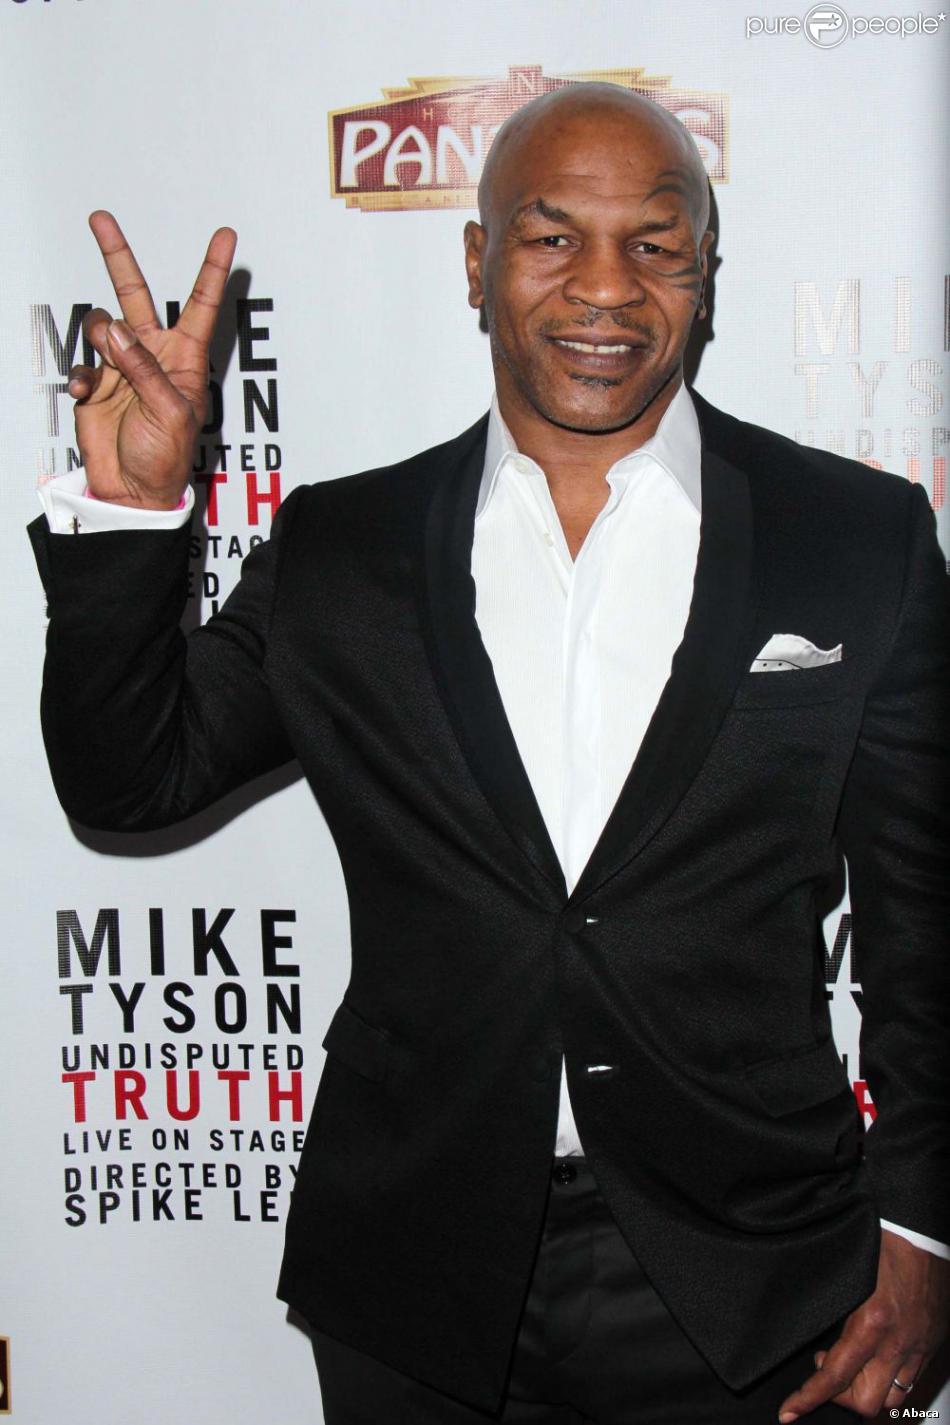 Mike Tyson lors de l'avant-première de son show Mike Tyson: Undisputed Truth le 8 mars 2013 à Hollywood